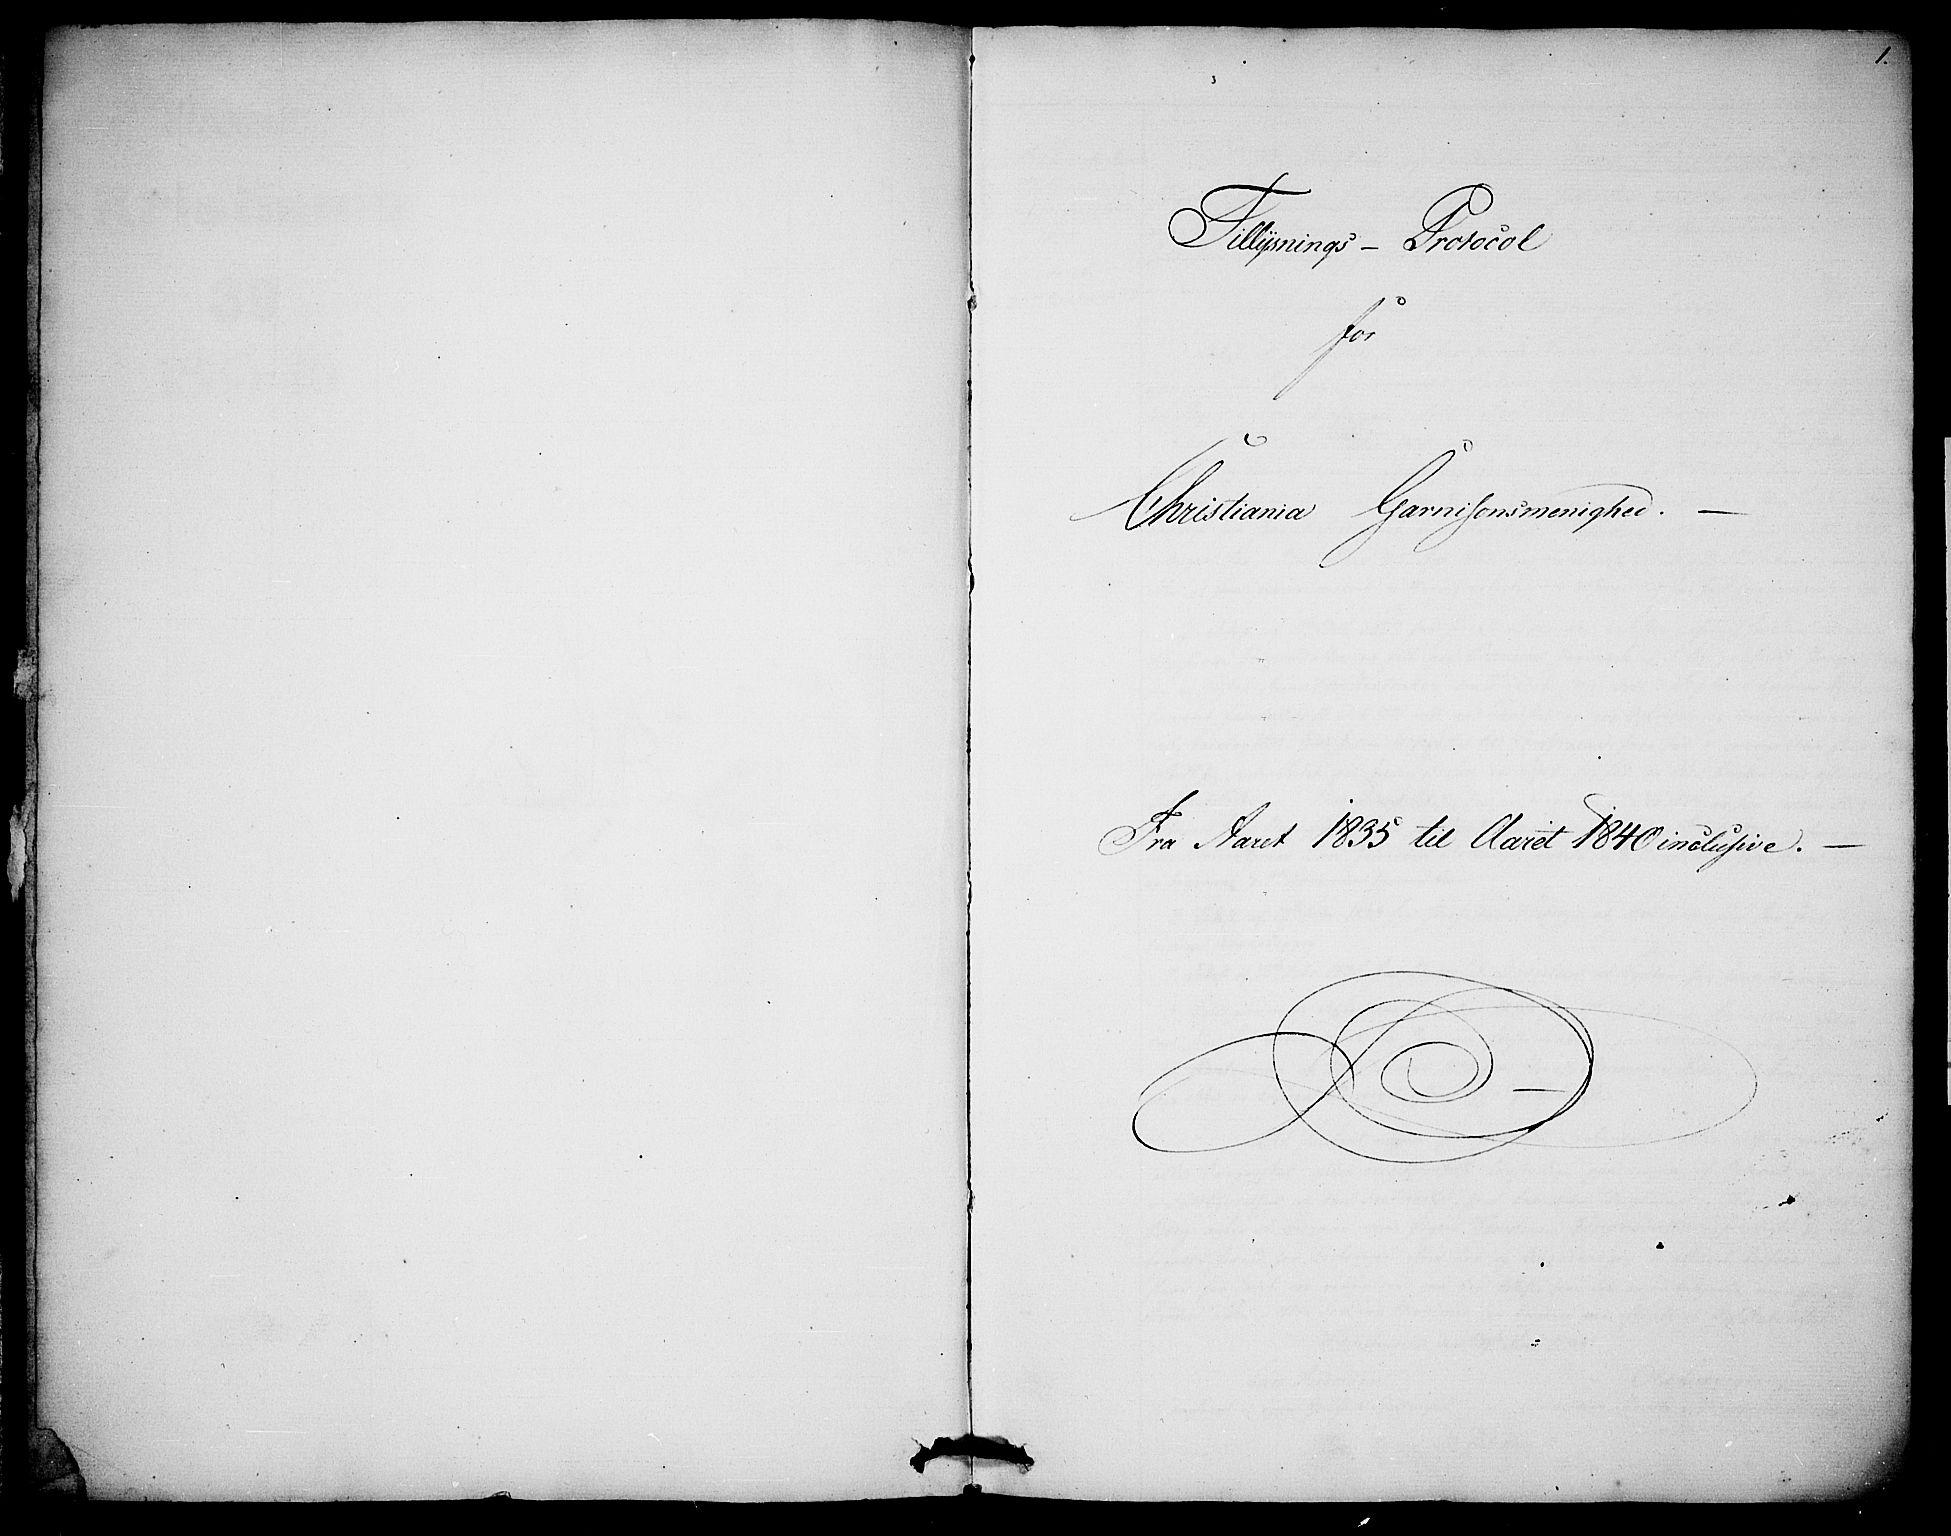 SAO, Garnisonsmenigheten Kirkebøker, H/Ha/L0003: Lysningsprotokoll nr. I 3, 1835-1840, s. 0-1